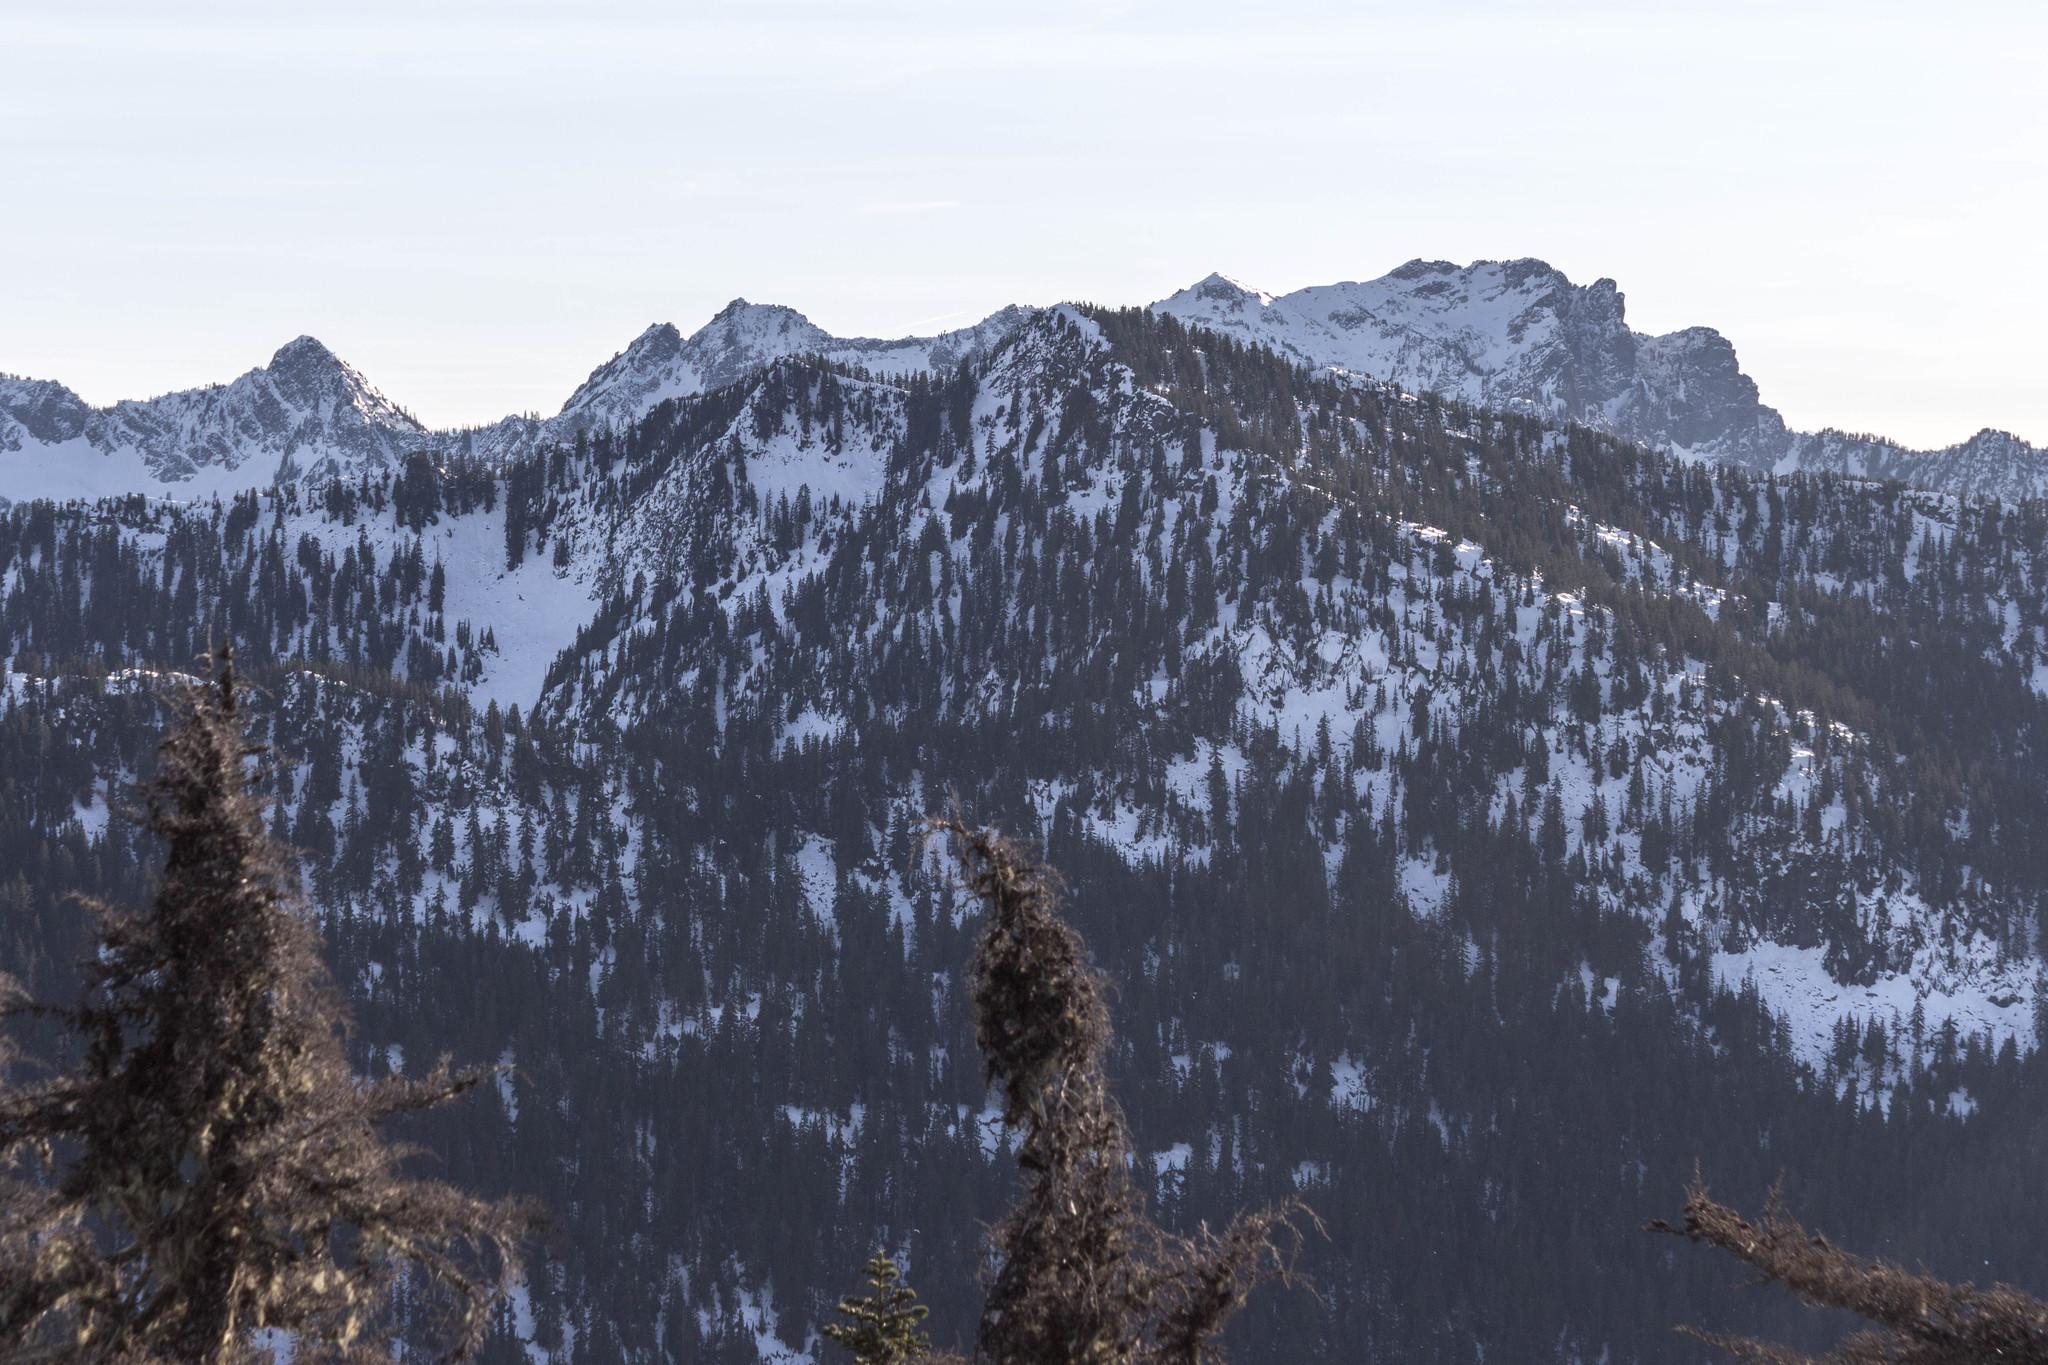 Big Snow Mountain